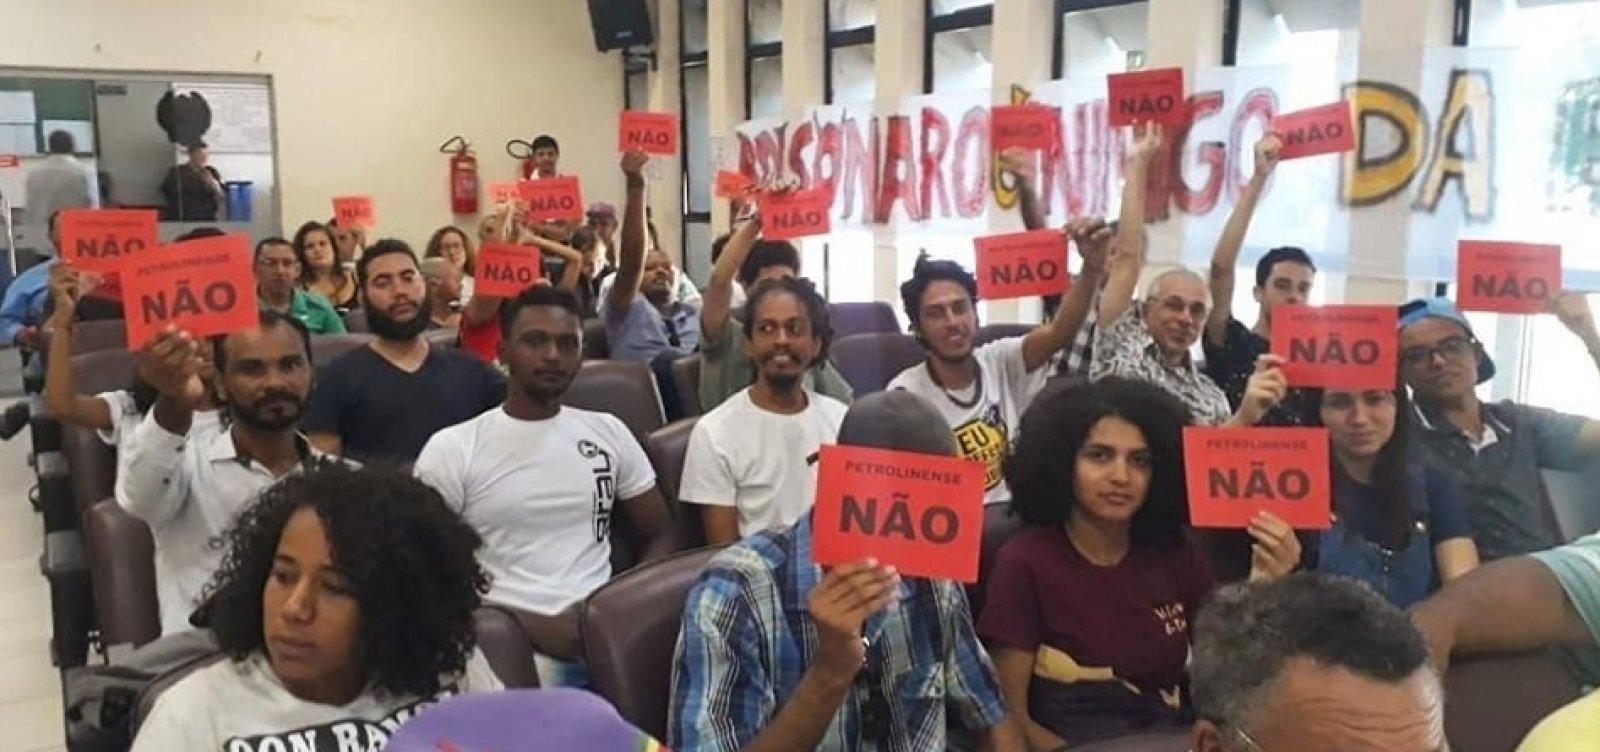 Após protesto, Câmara de Petrolina adia título de cidadão a Bolsonaro